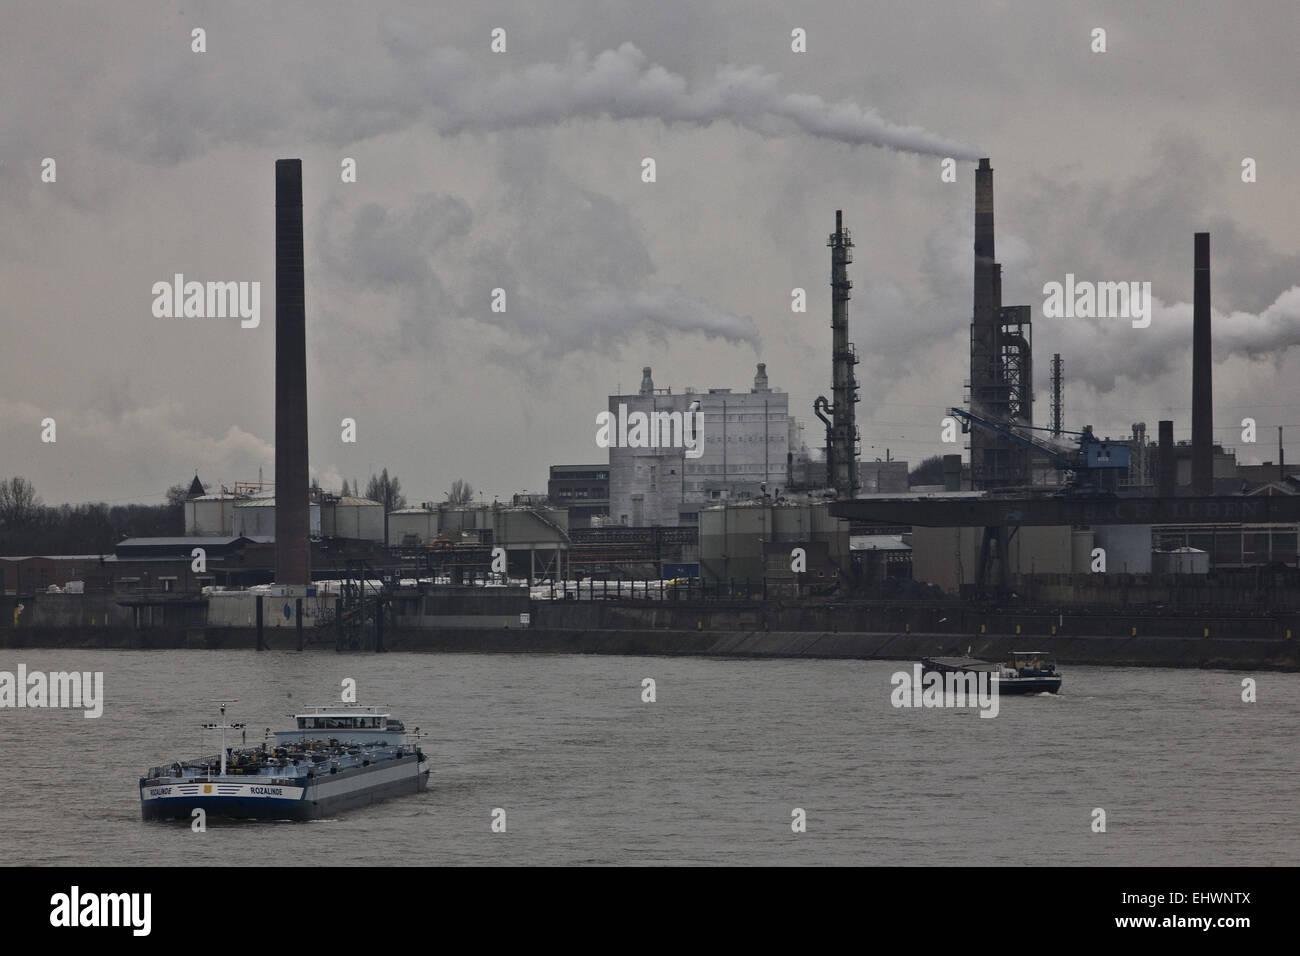 Le navi da carico, Reno, Duisburg, Germania. Immagini Stock